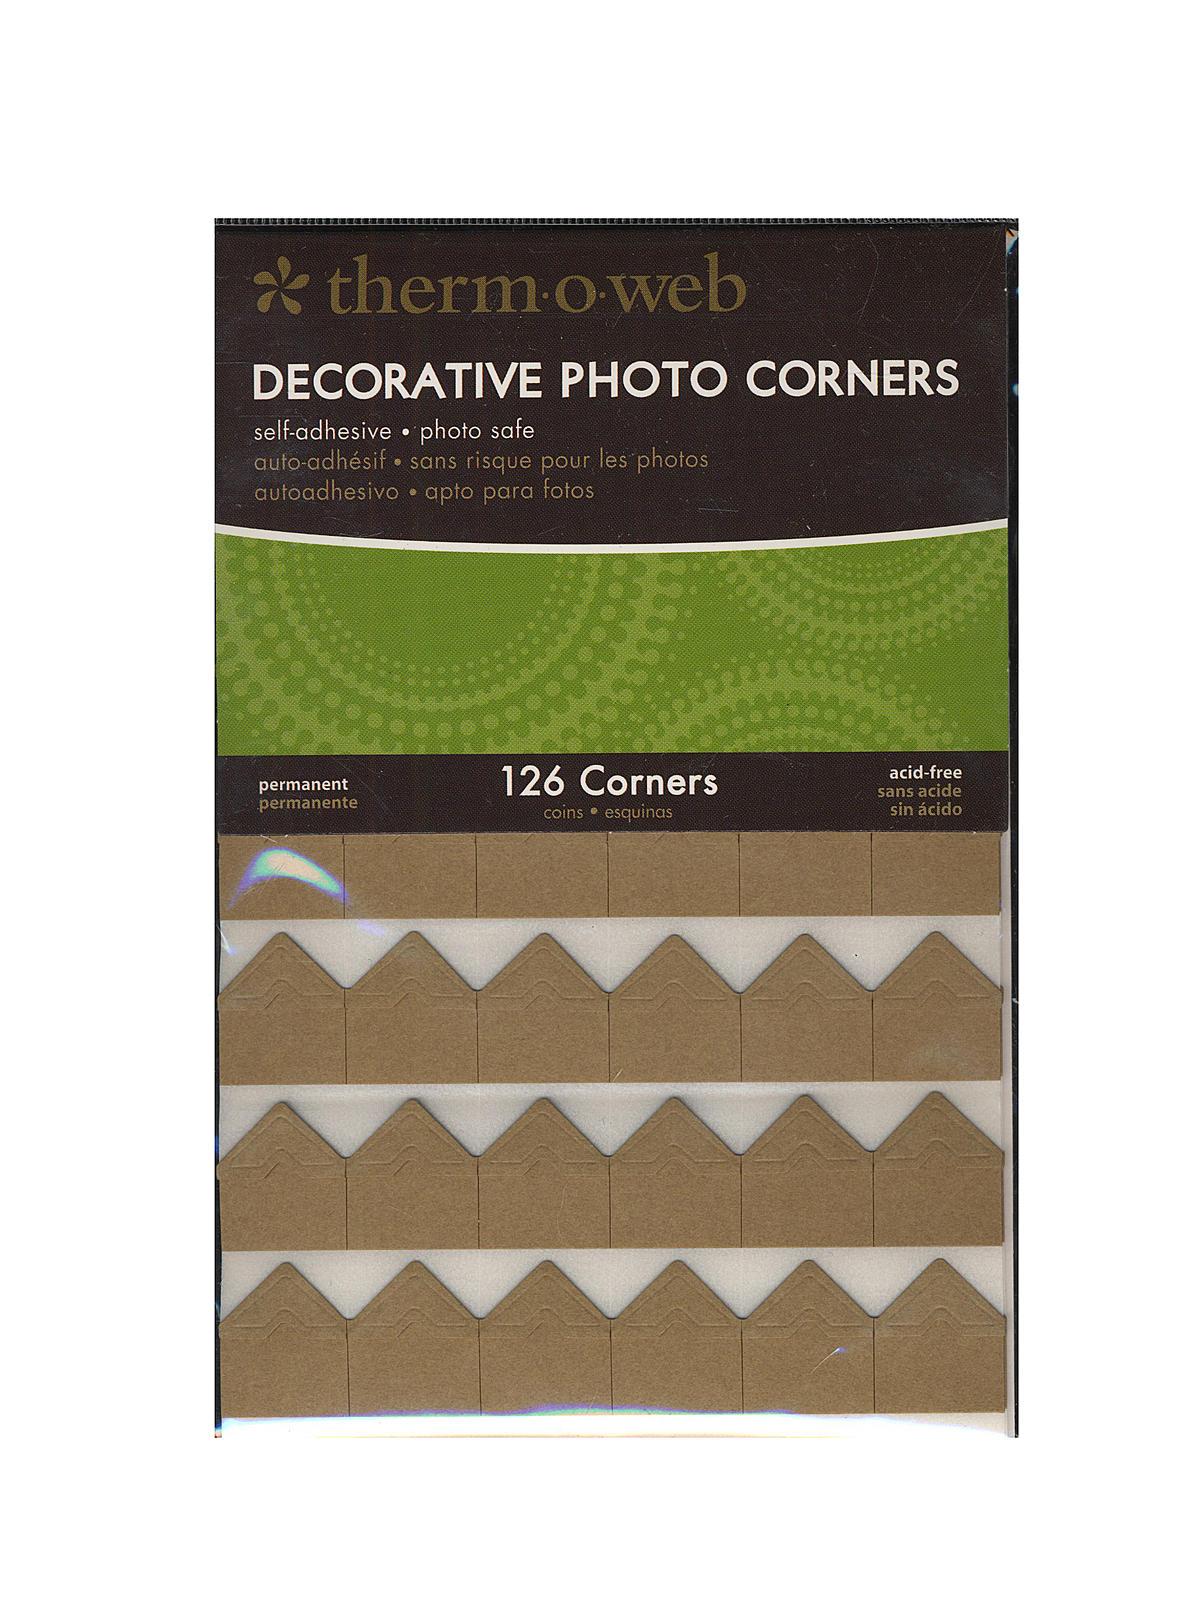 Decorative Photo Corners